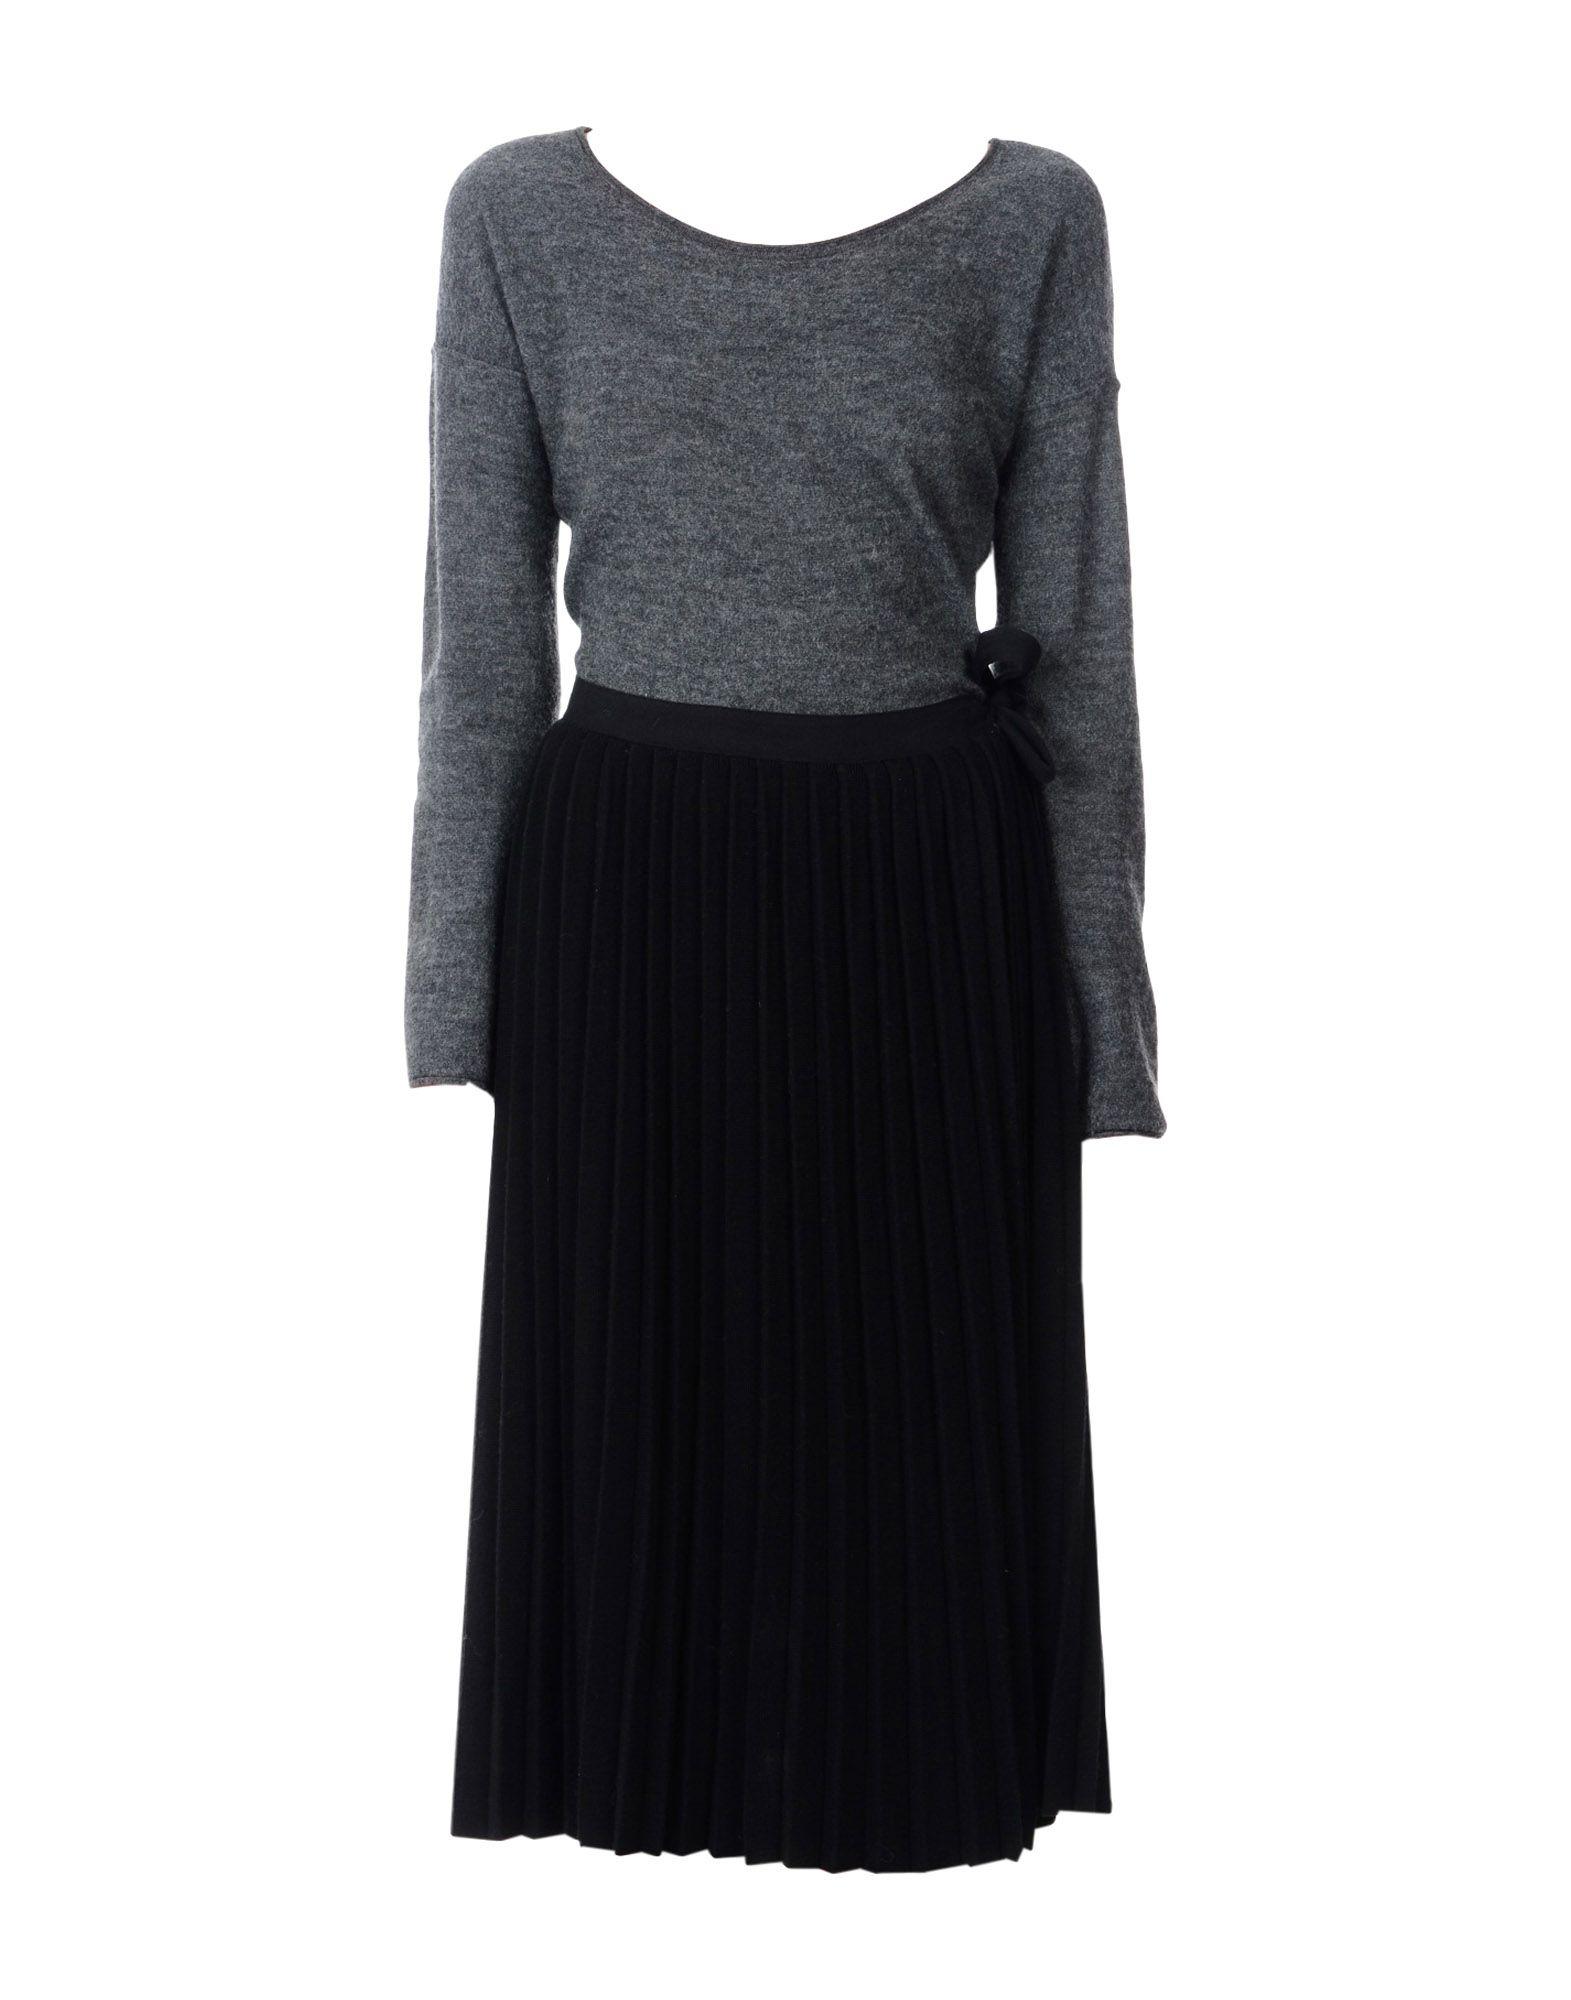 Vestito Longuette Sonia By Sonia Rykiel Donna - Acquista online su mSjnNPq3p2